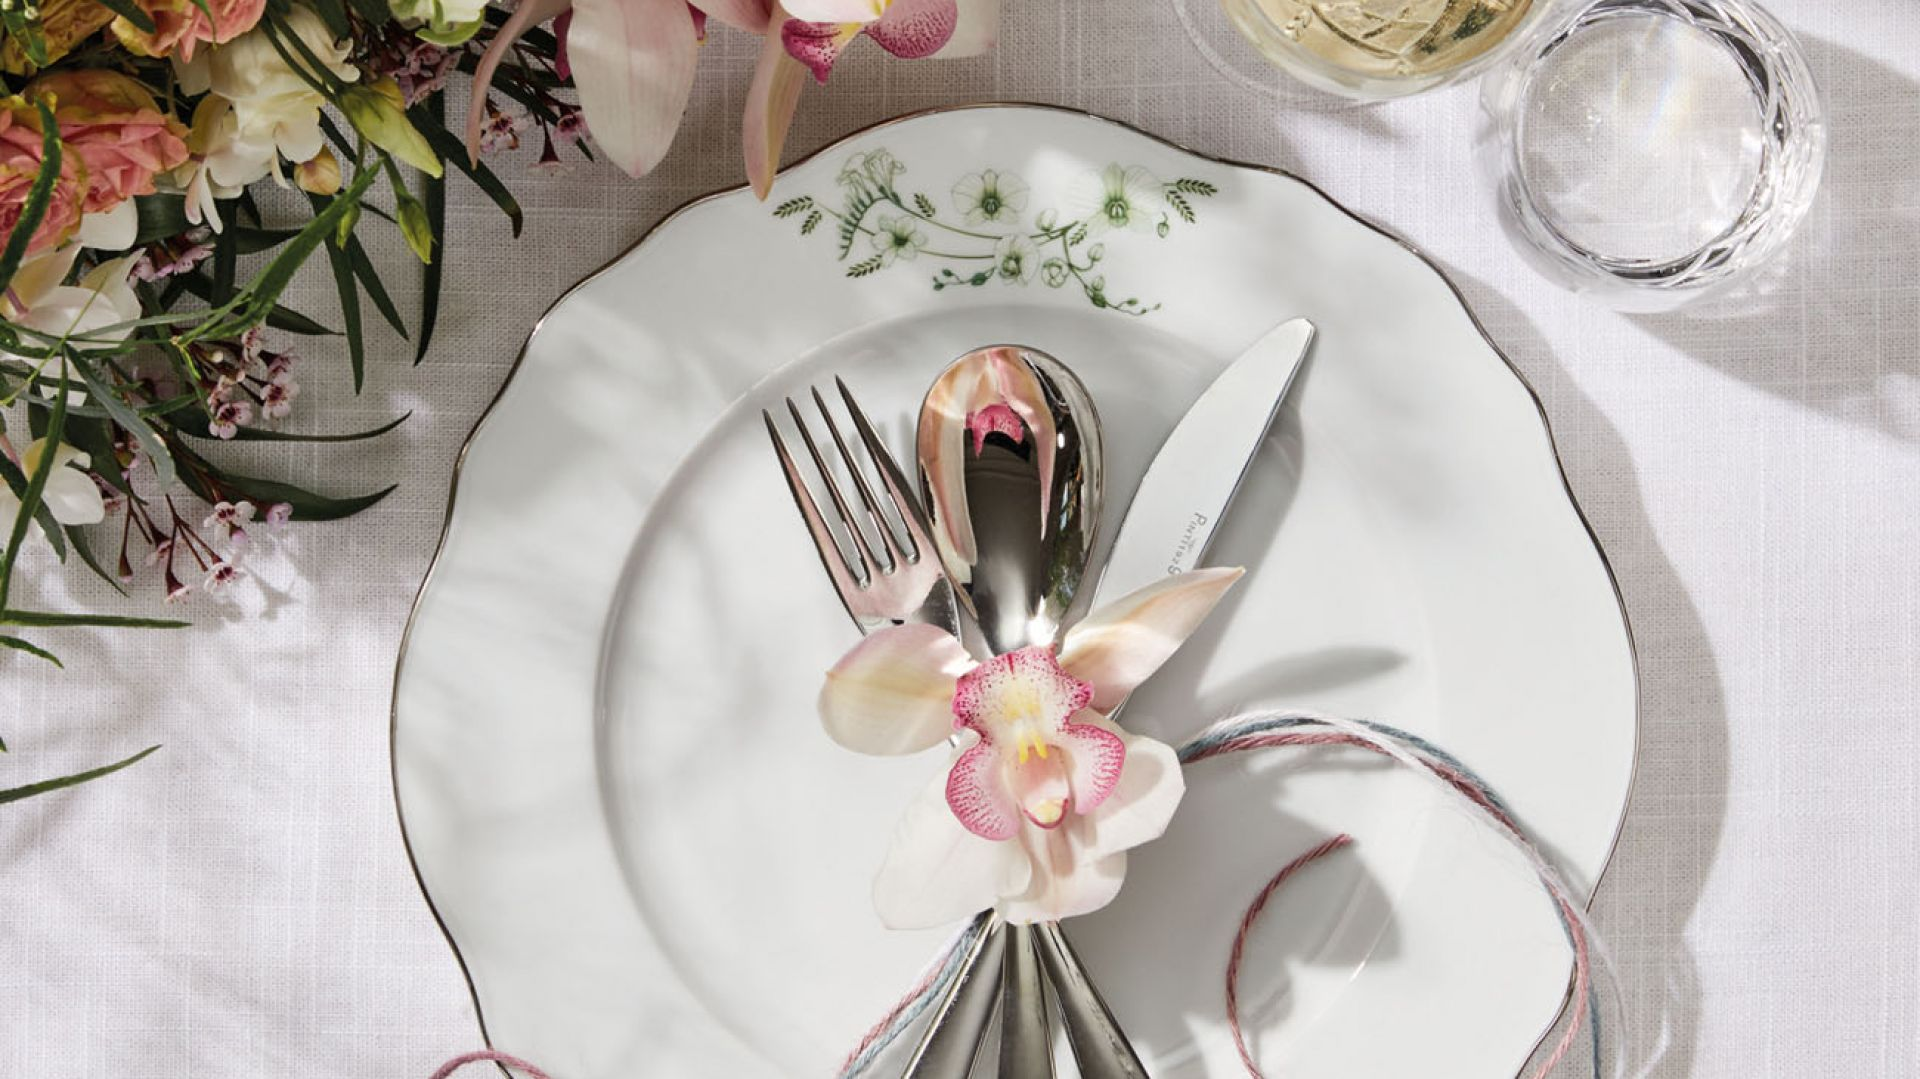 Serwis Sonja z subtelnym kwiatowym wzorem pozwala na stworzenie zachwycających aranżacji stołu na co dzień i od święta. Fot. Fyrklövern